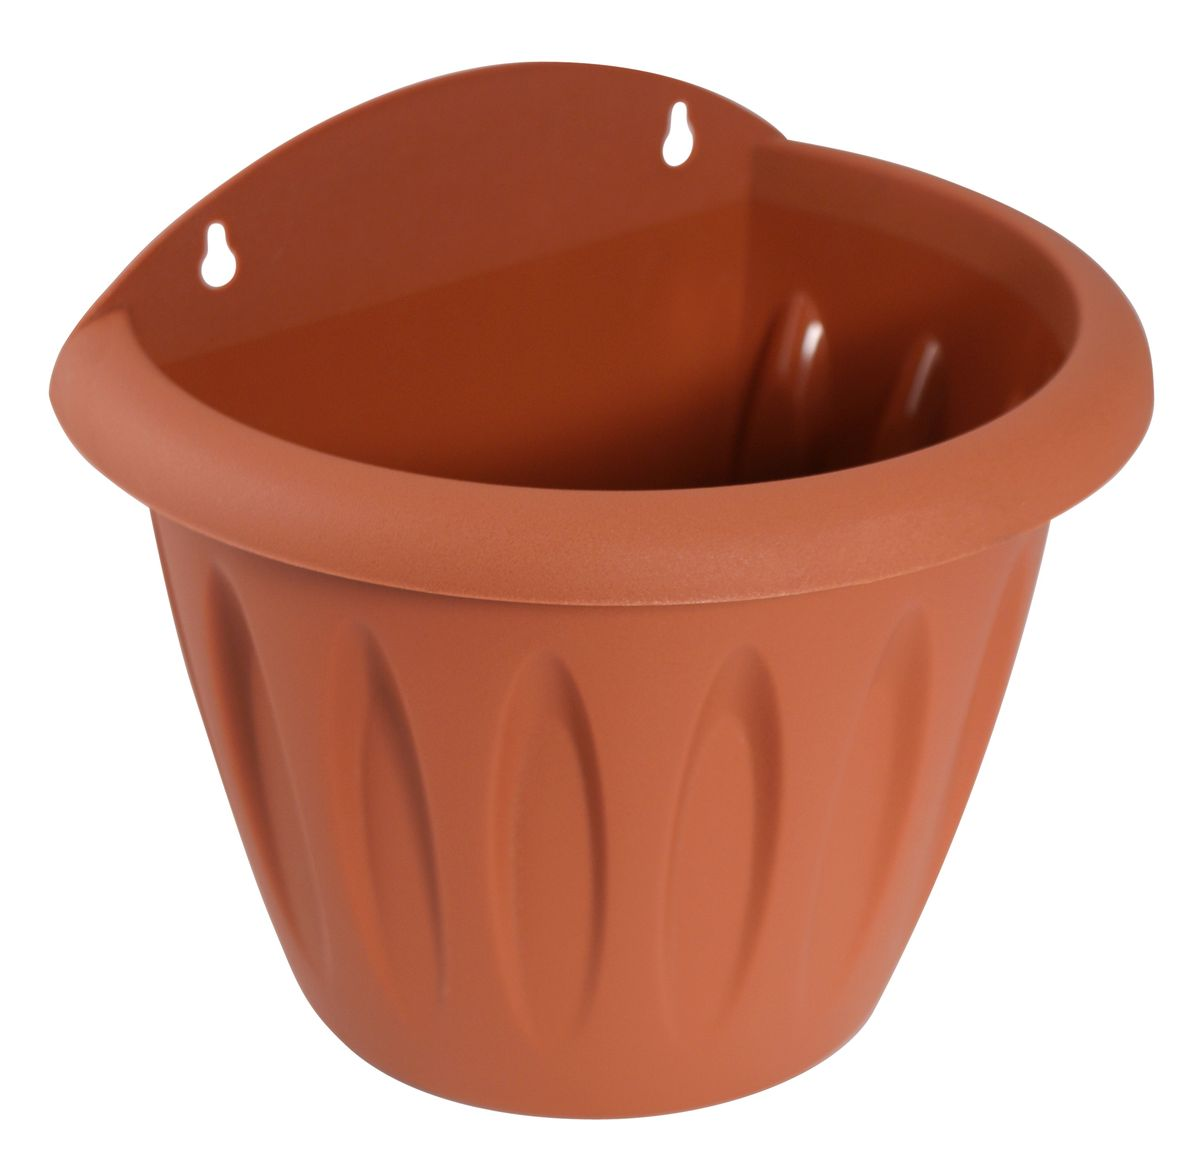 """Любой, даже самый современный и продуманный интерьер будет не завершенным без растений. Они не только очищают воздух и насыщают его кислородом, но и заметно украшают окружающее пространство. Такому полезному члену семьи просто необходимо красивое и функциональное кашпо, оригинальный горшок или необычная ваза! Мы предлагаем - Кашпо настенное d=16 см """"Фелиция"""", цвет терракот! Оптимальный выбор материала - это пластмасса! Почему мы так считаем? Малый вес. С легкостью переносите горшки и кашпо с места на место, ставьте их на столики или полки, подвешивайте под потолок, не беспокоясь о нагрузке. Простота ухода. Пластиковые изделия не нуждаются в специальных условиях хранения. Их легко чистить достаточно просто сполоснуть теплой водой. Никаких царапин. Пластиковые кашпо не царапают и не загрязняют поверхности, на которых стоят. Пластик дольше хранит влагу, а значит растение реже нуждается в поливе. Пластмасса не пропускает воздух корневой системе растения не грозят резкие перепады температур. Огромный выбор форм, декора и расцветок вы без труда подберете что-то, что идеально впишется в уже существующий интерьер. Соблюдая нехитрые правила ухода, вы можете заметно продлить срок службы горшков, вазонов и кашпо из пластика: всегда учитывайте размер кроны и корневой системы растения (при разрастании большое растение способно повредить маленький горшок) берегите изделие от воздействия прямых солнечных лучей, чтобы кашпо и горшки не выцветали держите кашпо и горшки из пластика подальше от нагревающихся поверхностей. Создавайте прекрасные цветочные композиции, выращивайте рассаду или необычные растения, а низкие цены позволят вам не ограничивать себя в выборе."""